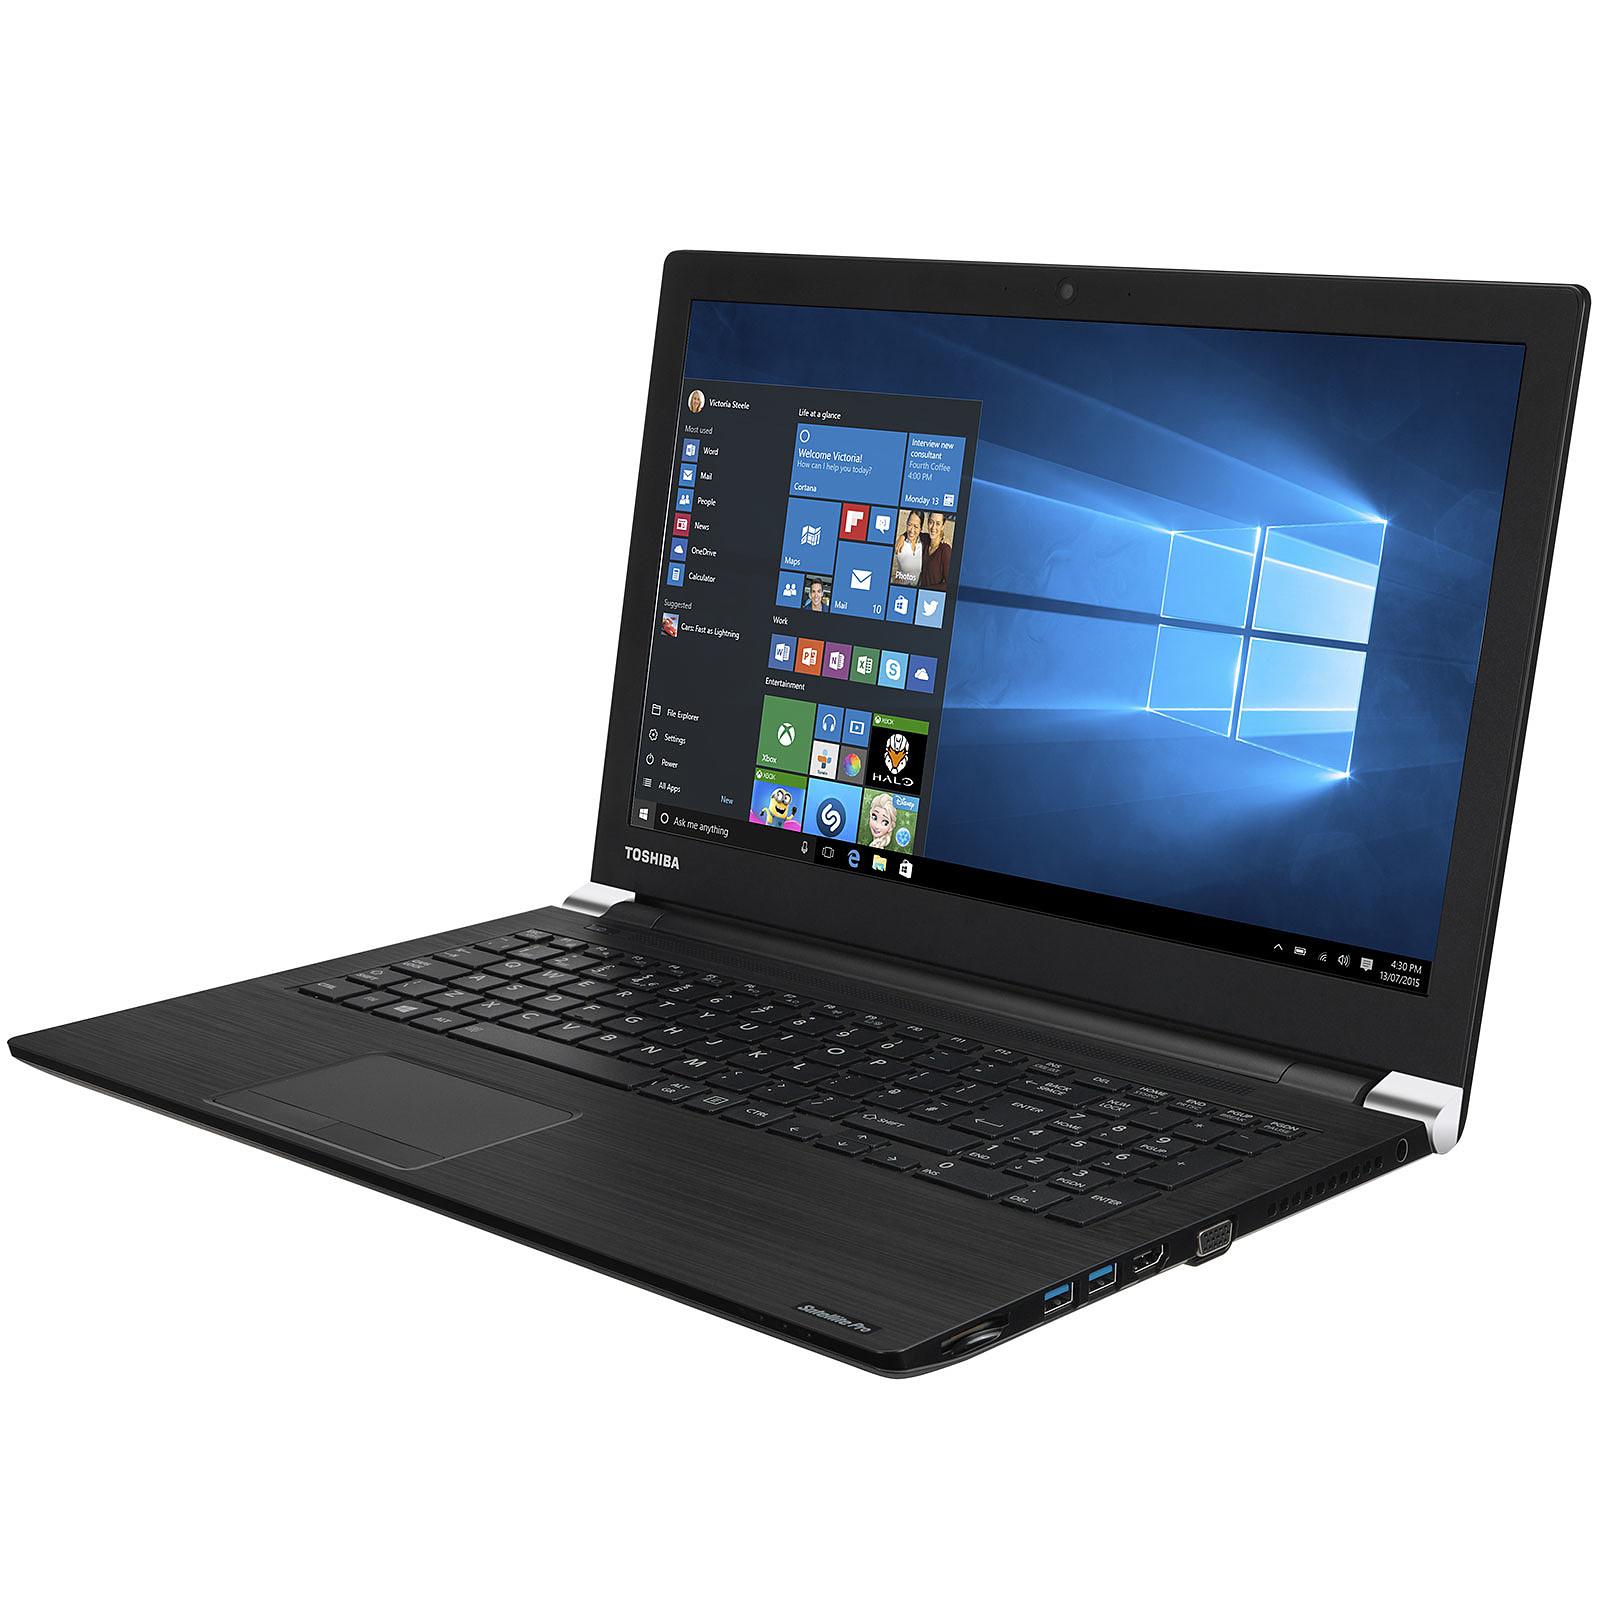 Ordinateur portable Toshiba Satellite PRO, Core i5, SSD 512 Go, 8 Go, 15.6 pouces LED, W10 PRO 64bits, informatique Reunion 974, Futur Réunion informatique